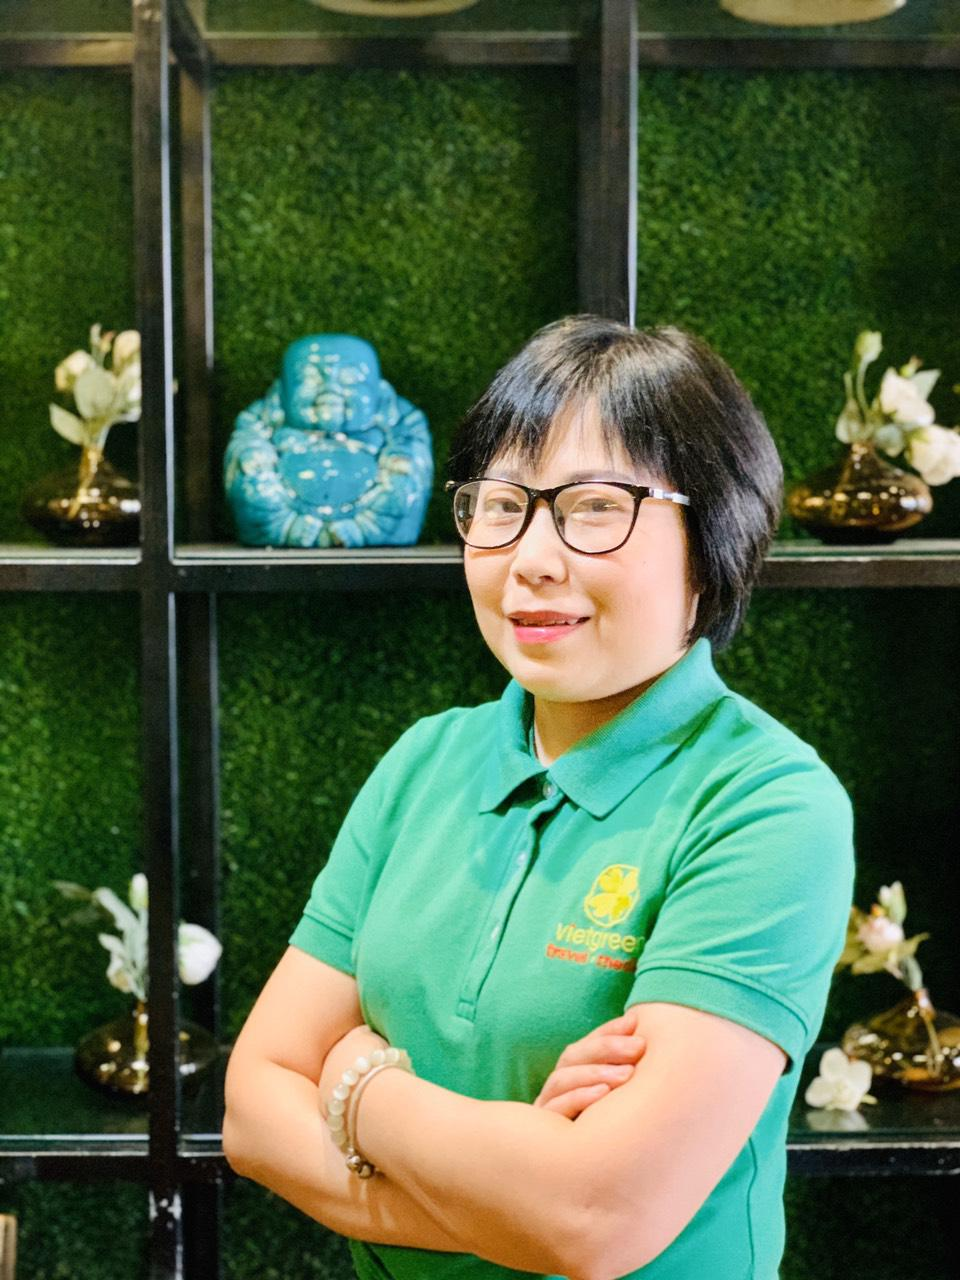 Viet Green Payment Policies